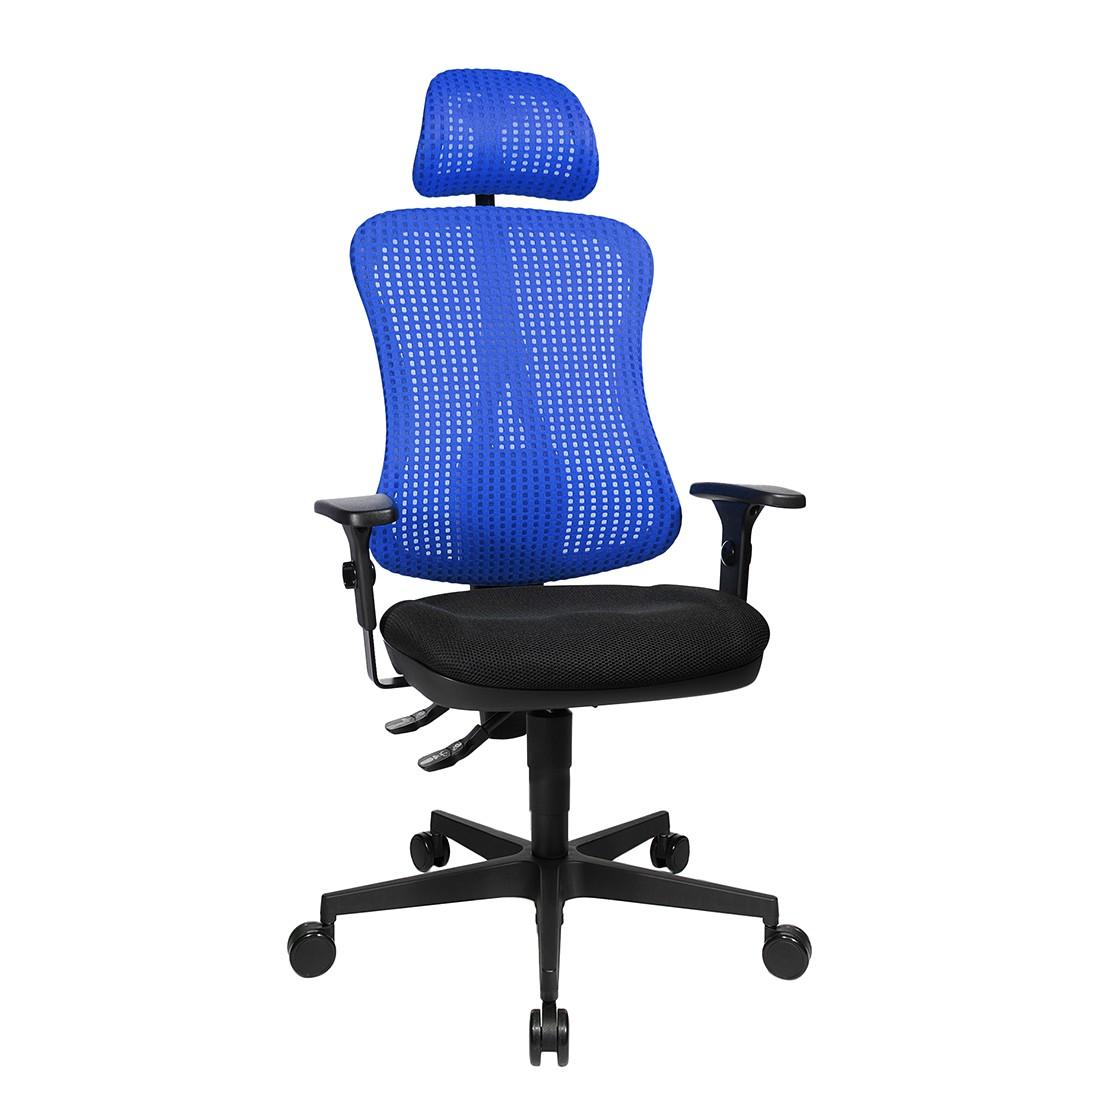 Bürodrehstuhl Head Point - Höhenverstellbare Armlehnen - Mit Kopfstütze - Blau / Schwarz, Topstar